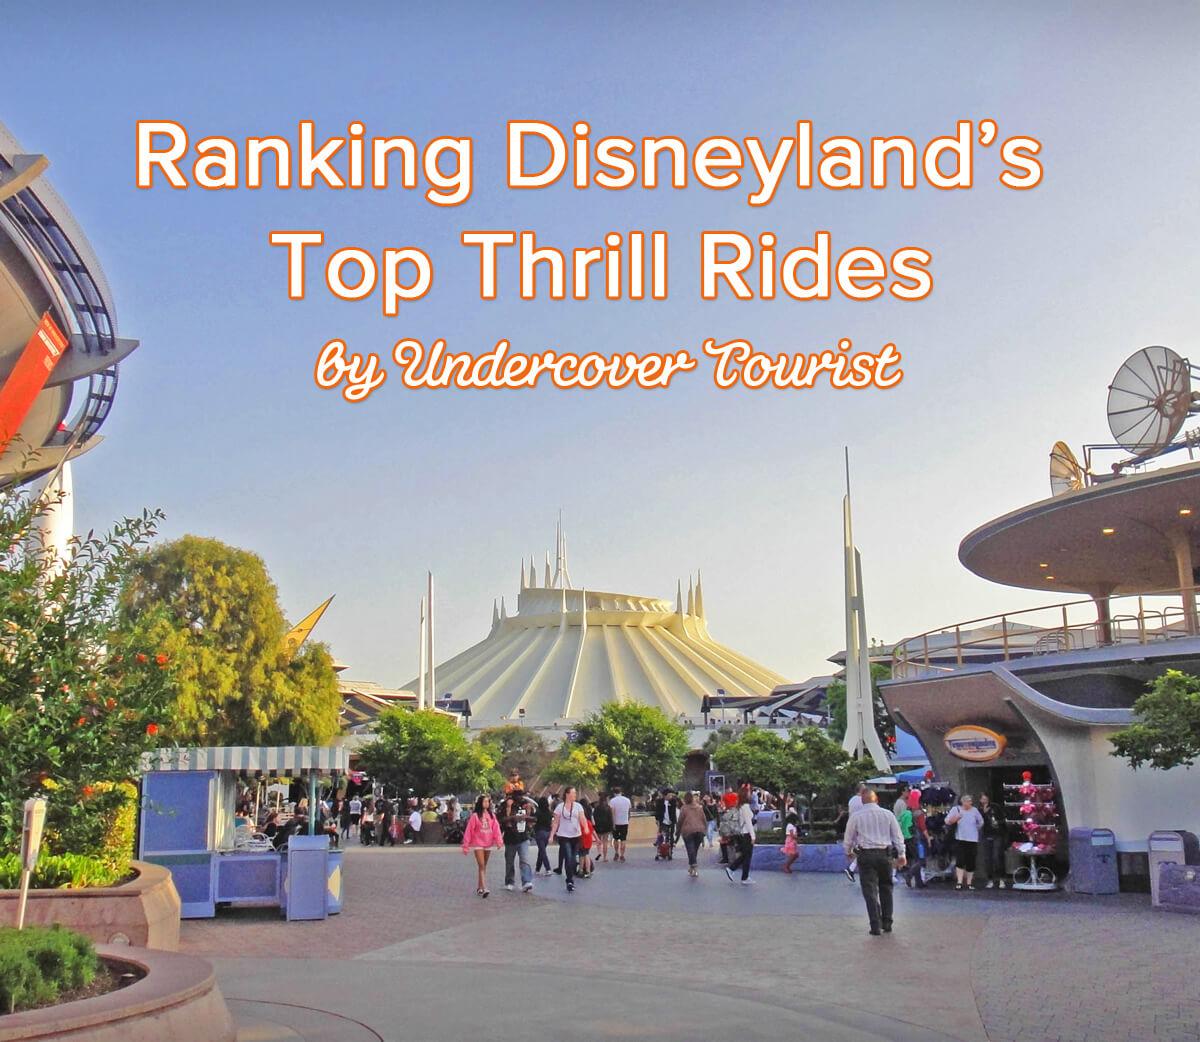 Disneyland's Top Thrill Rides